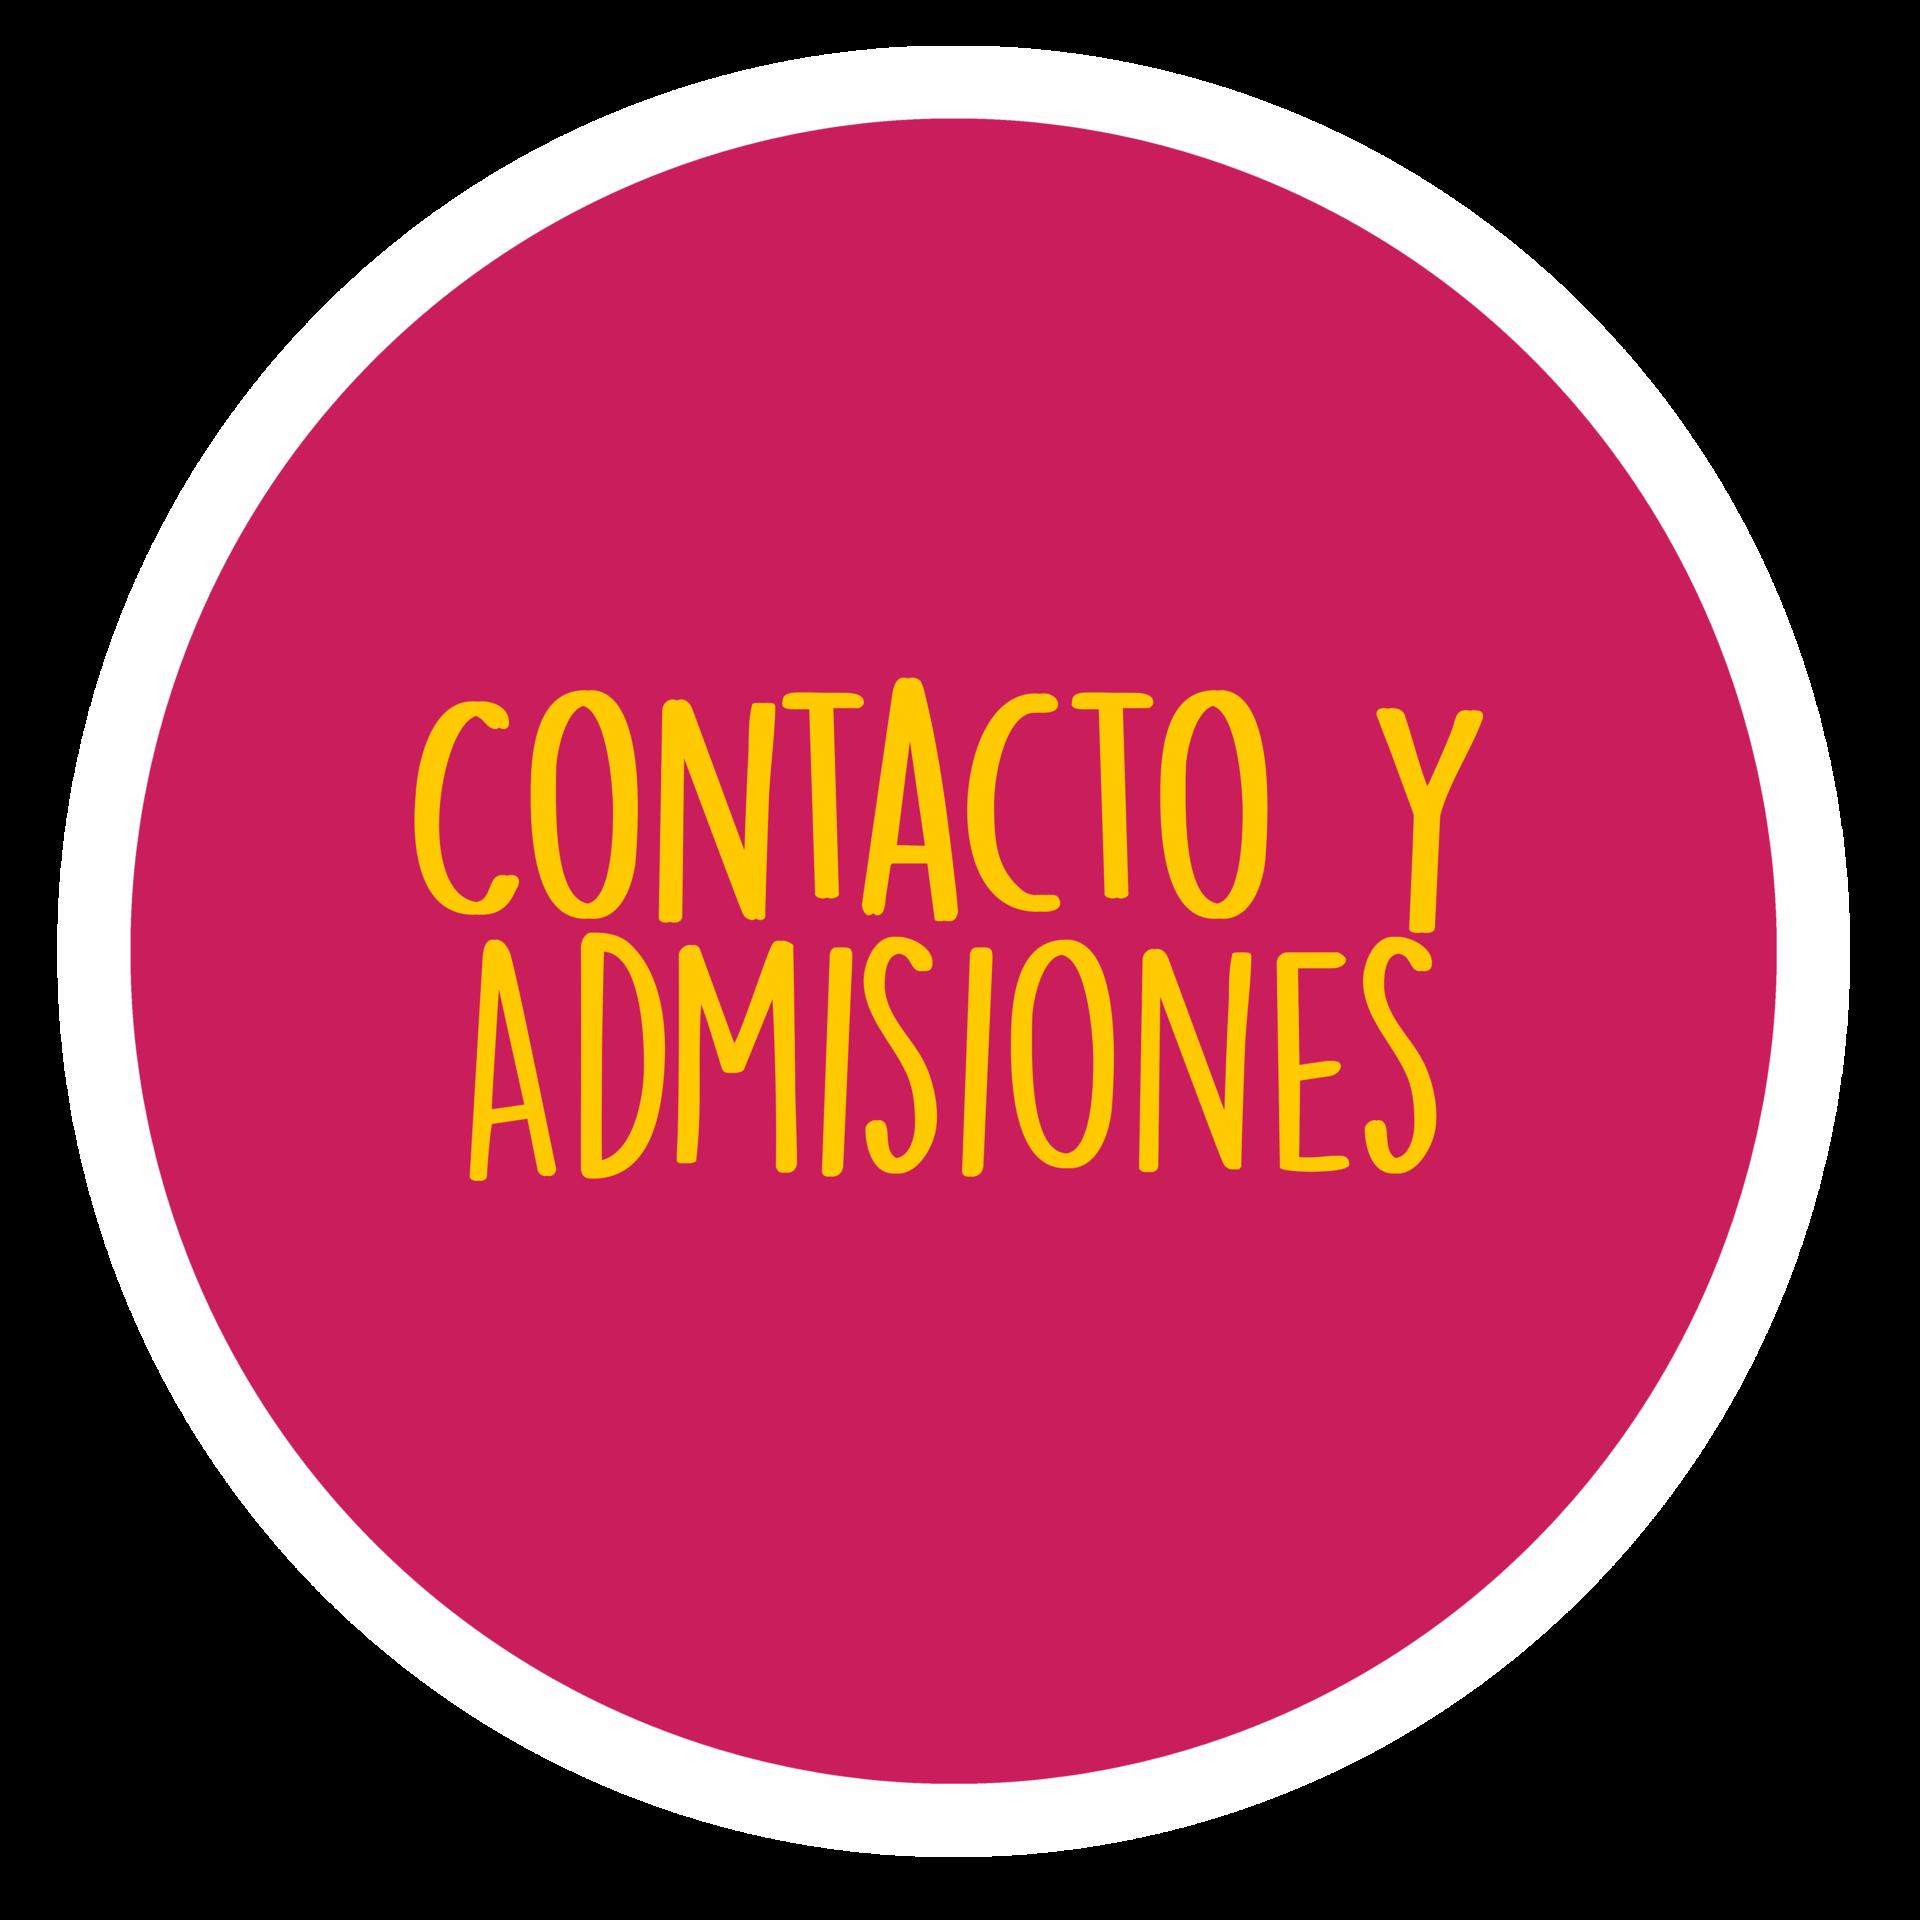 botón contacto y admisiones